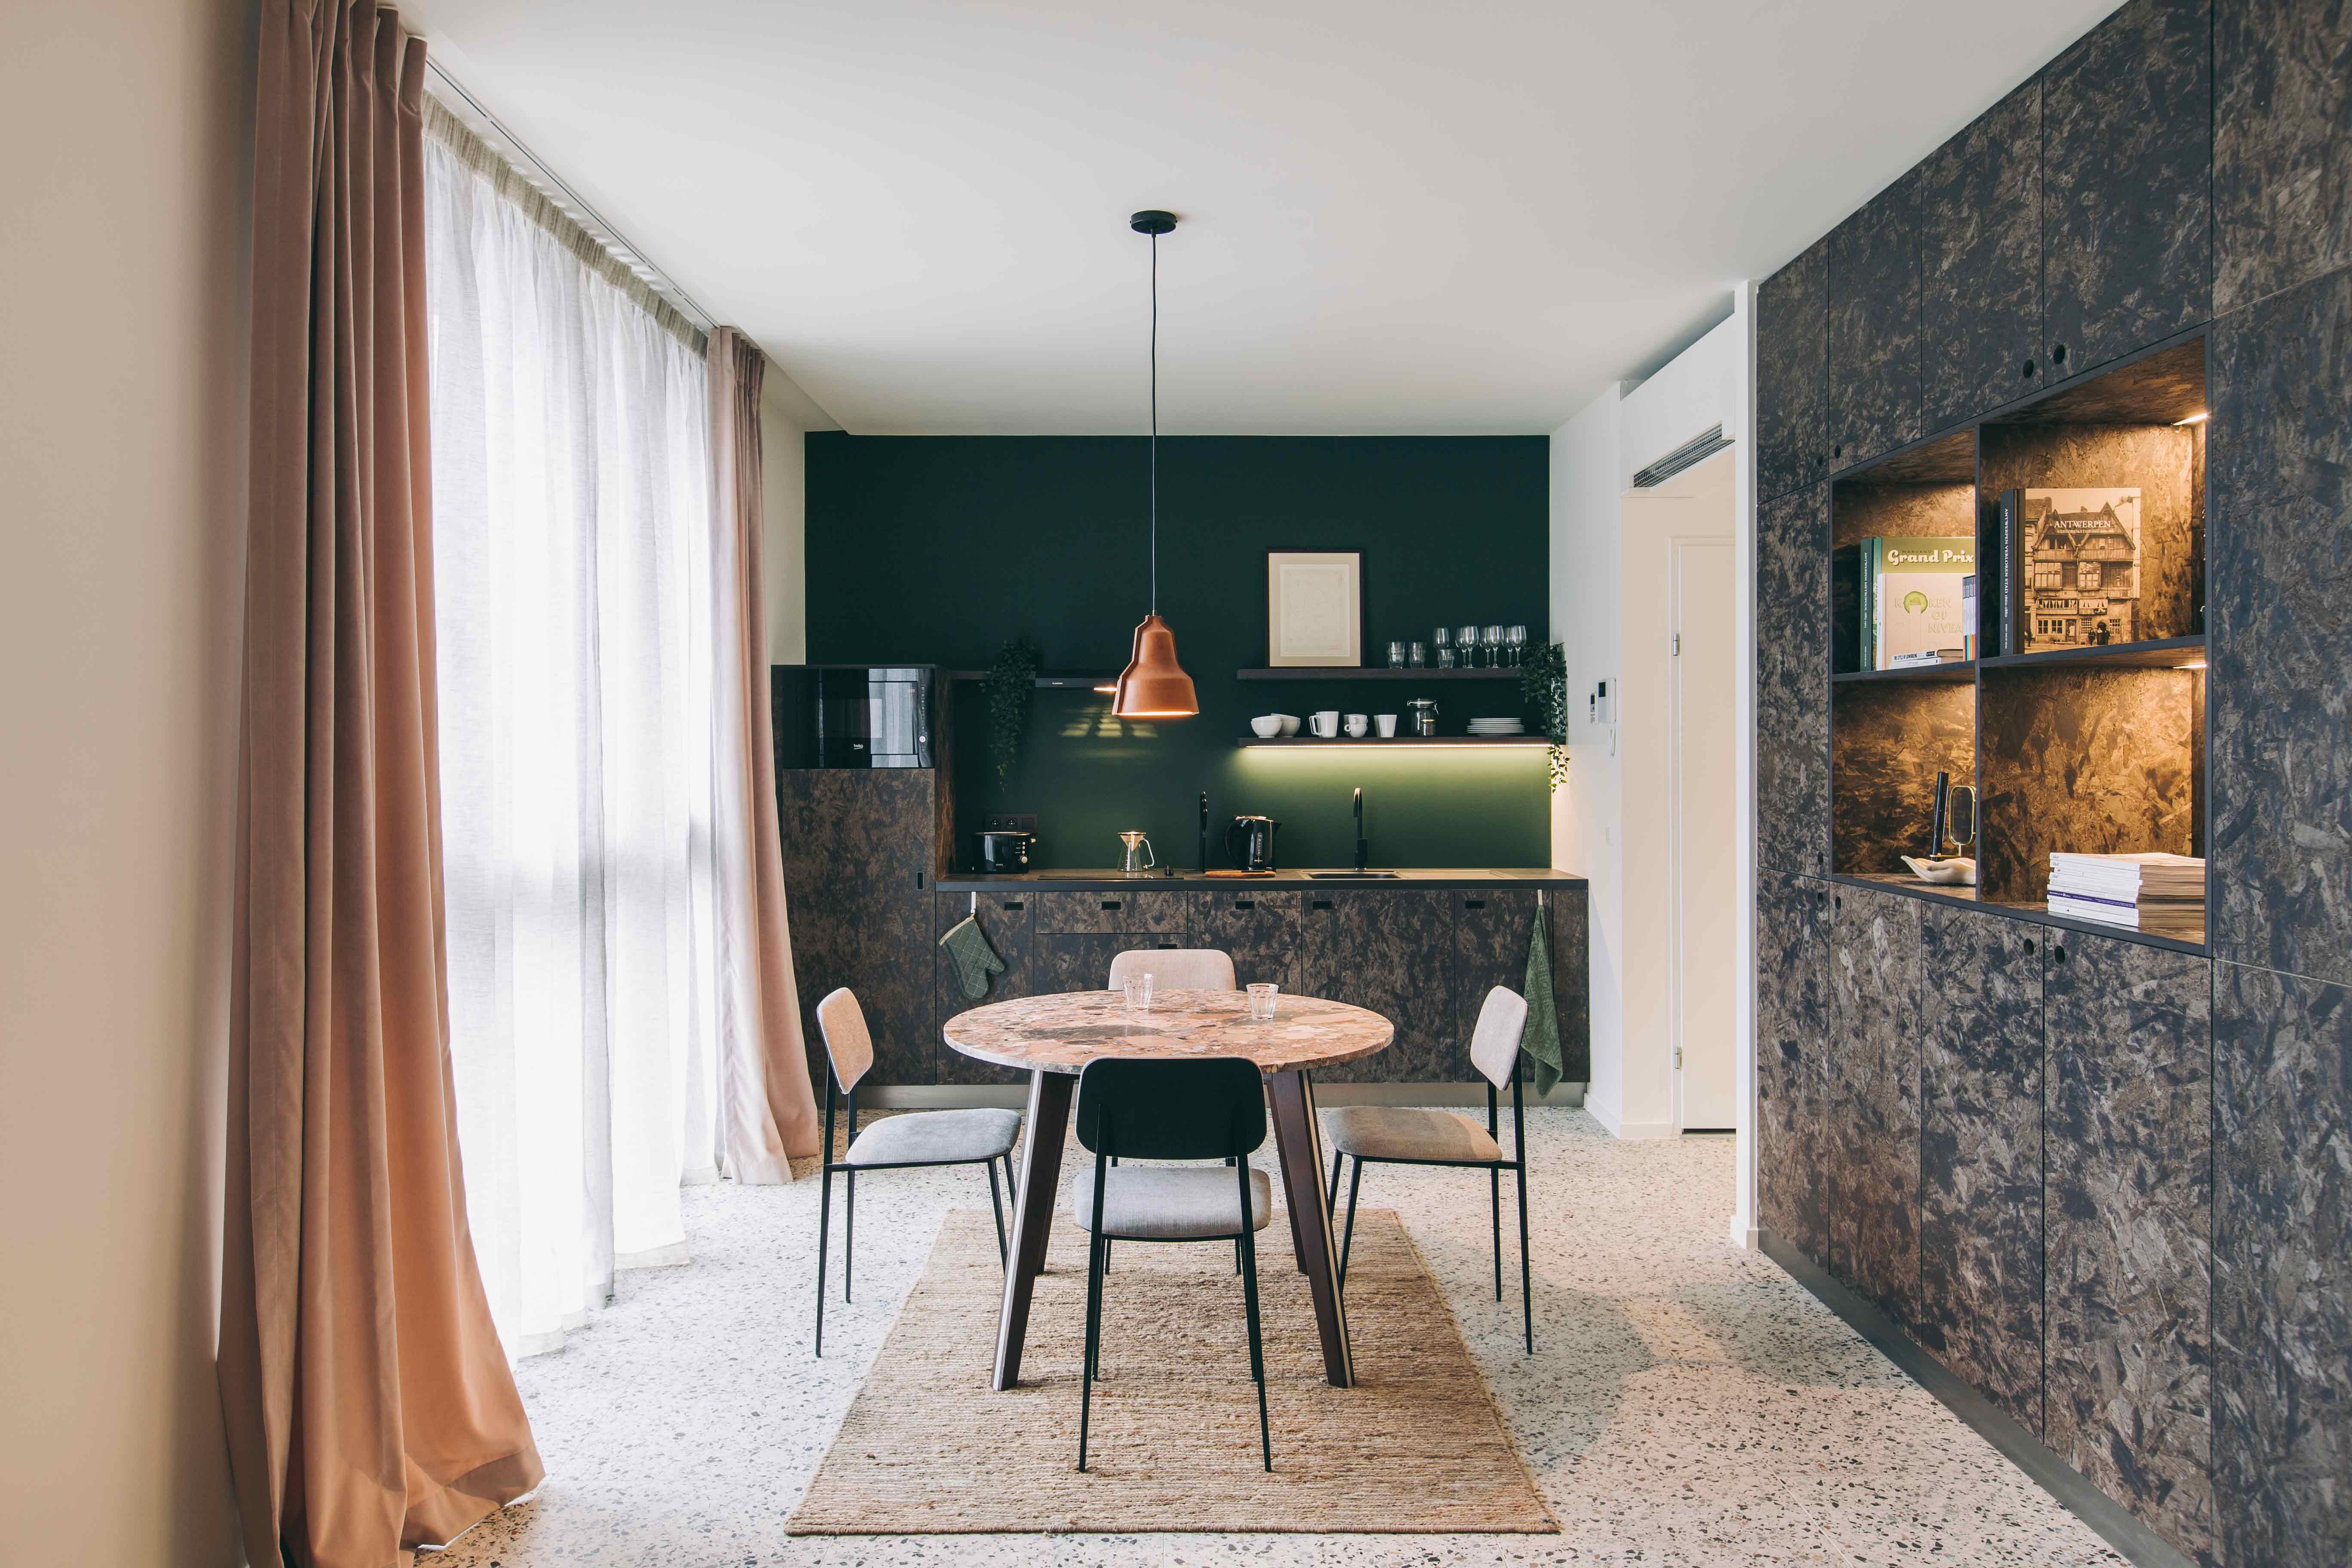 YUST Antwerpen, eetkamer met veel lichtinval, compacte keuken met groene en accenten